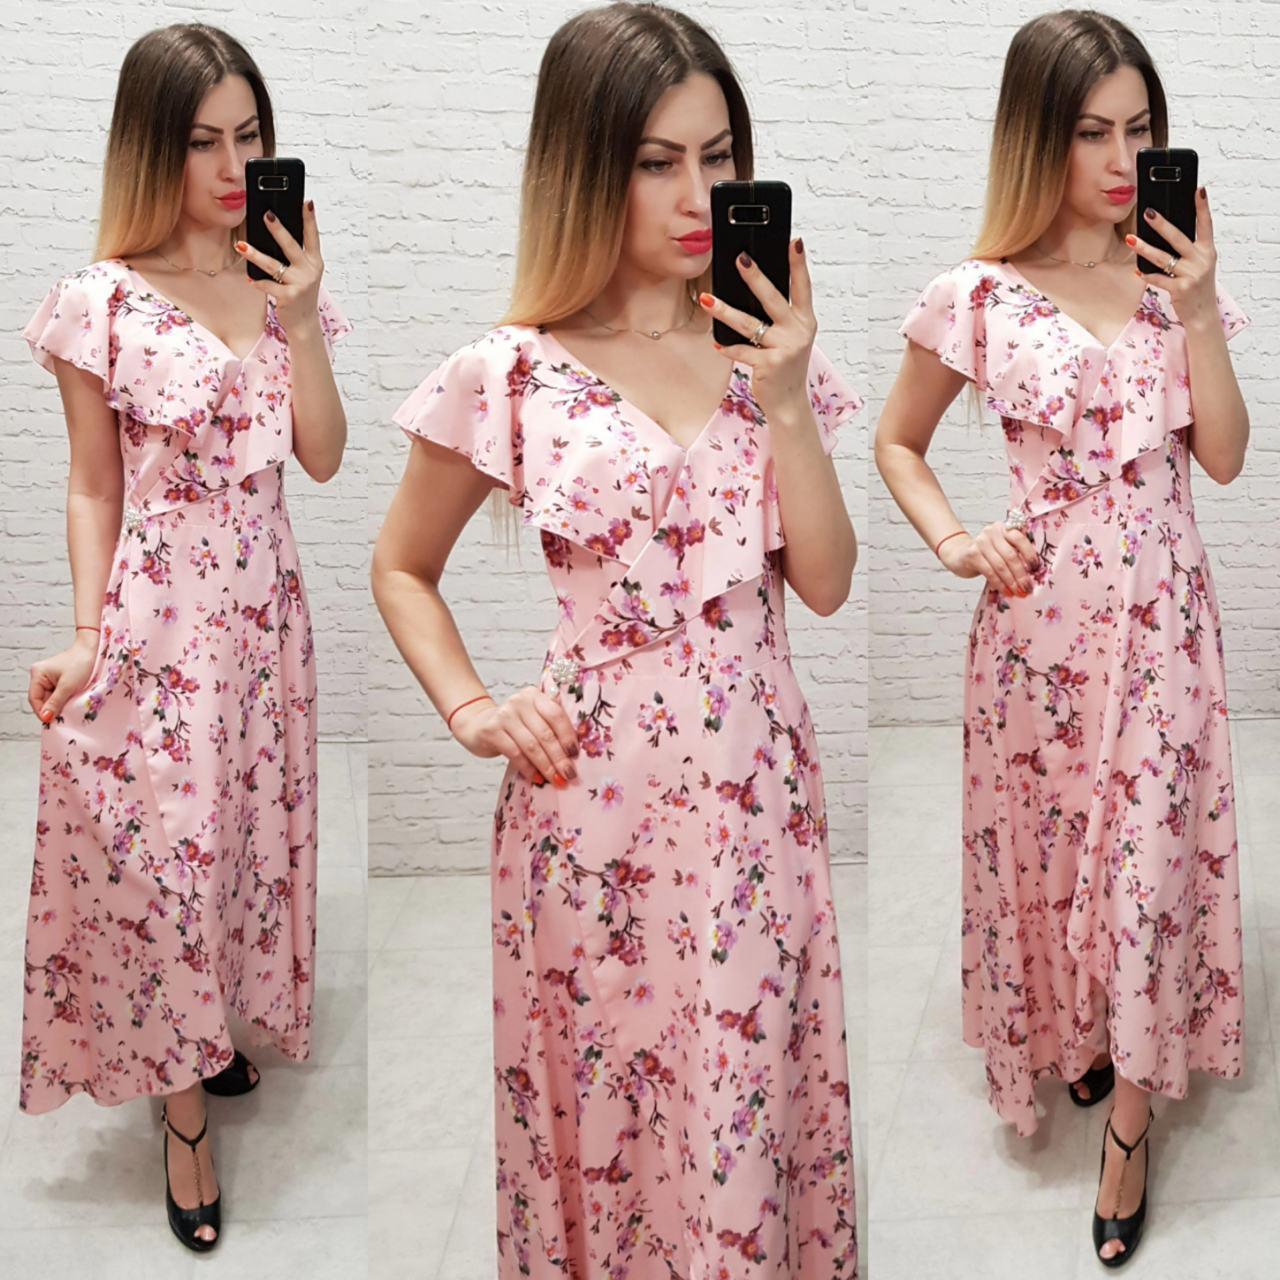 Длинное платье на запах ( арт. 111 ),  принт мелкий цветок на розовом